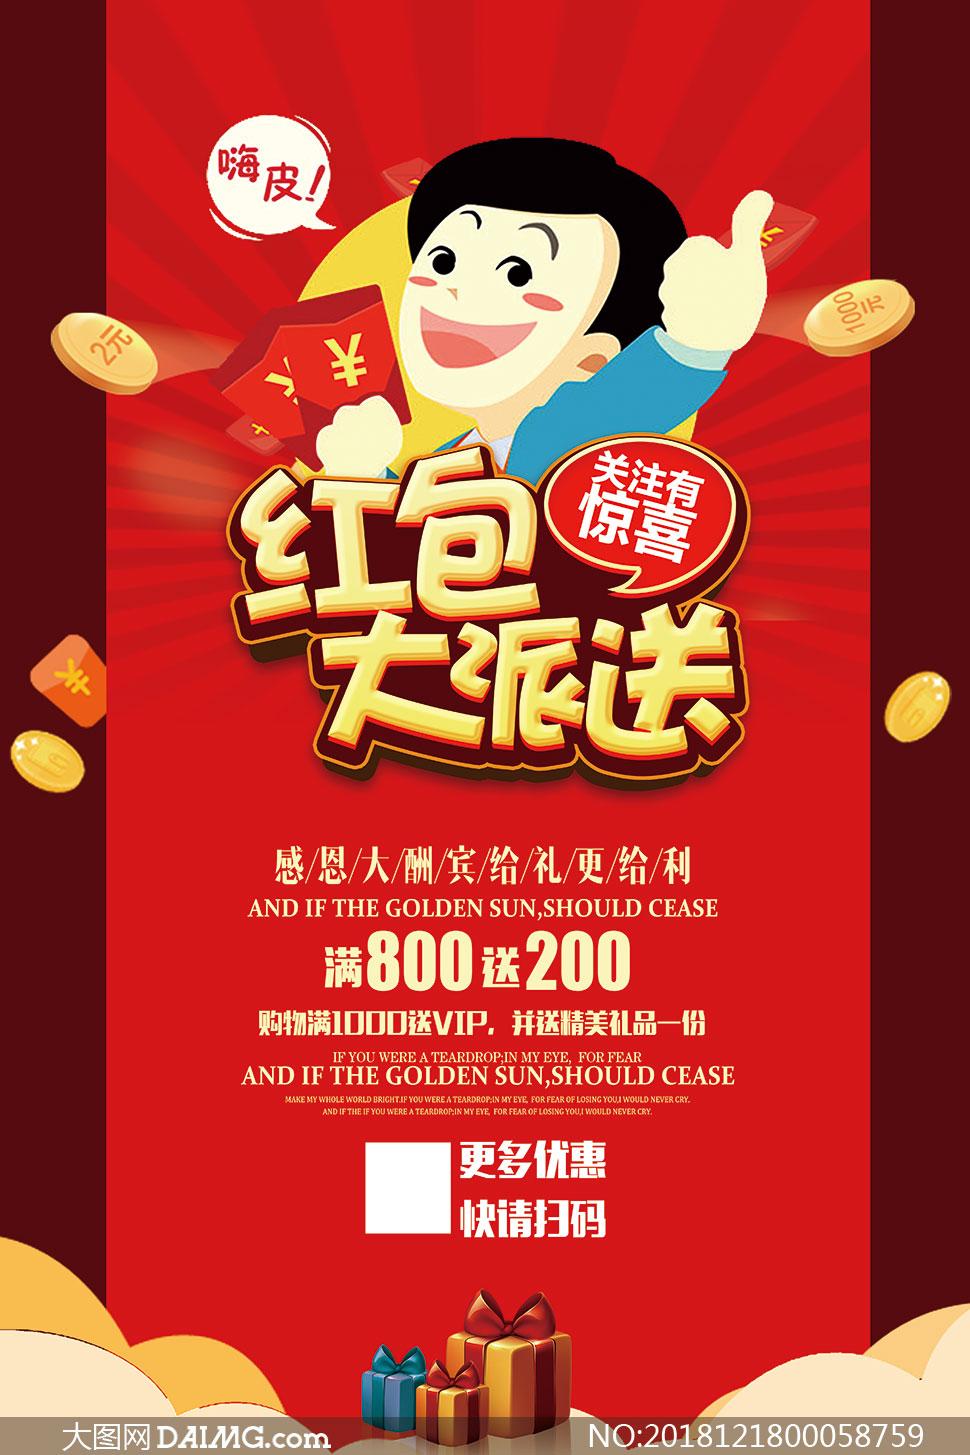 > 素材信息                          中国风茶道宣传海报设计psd